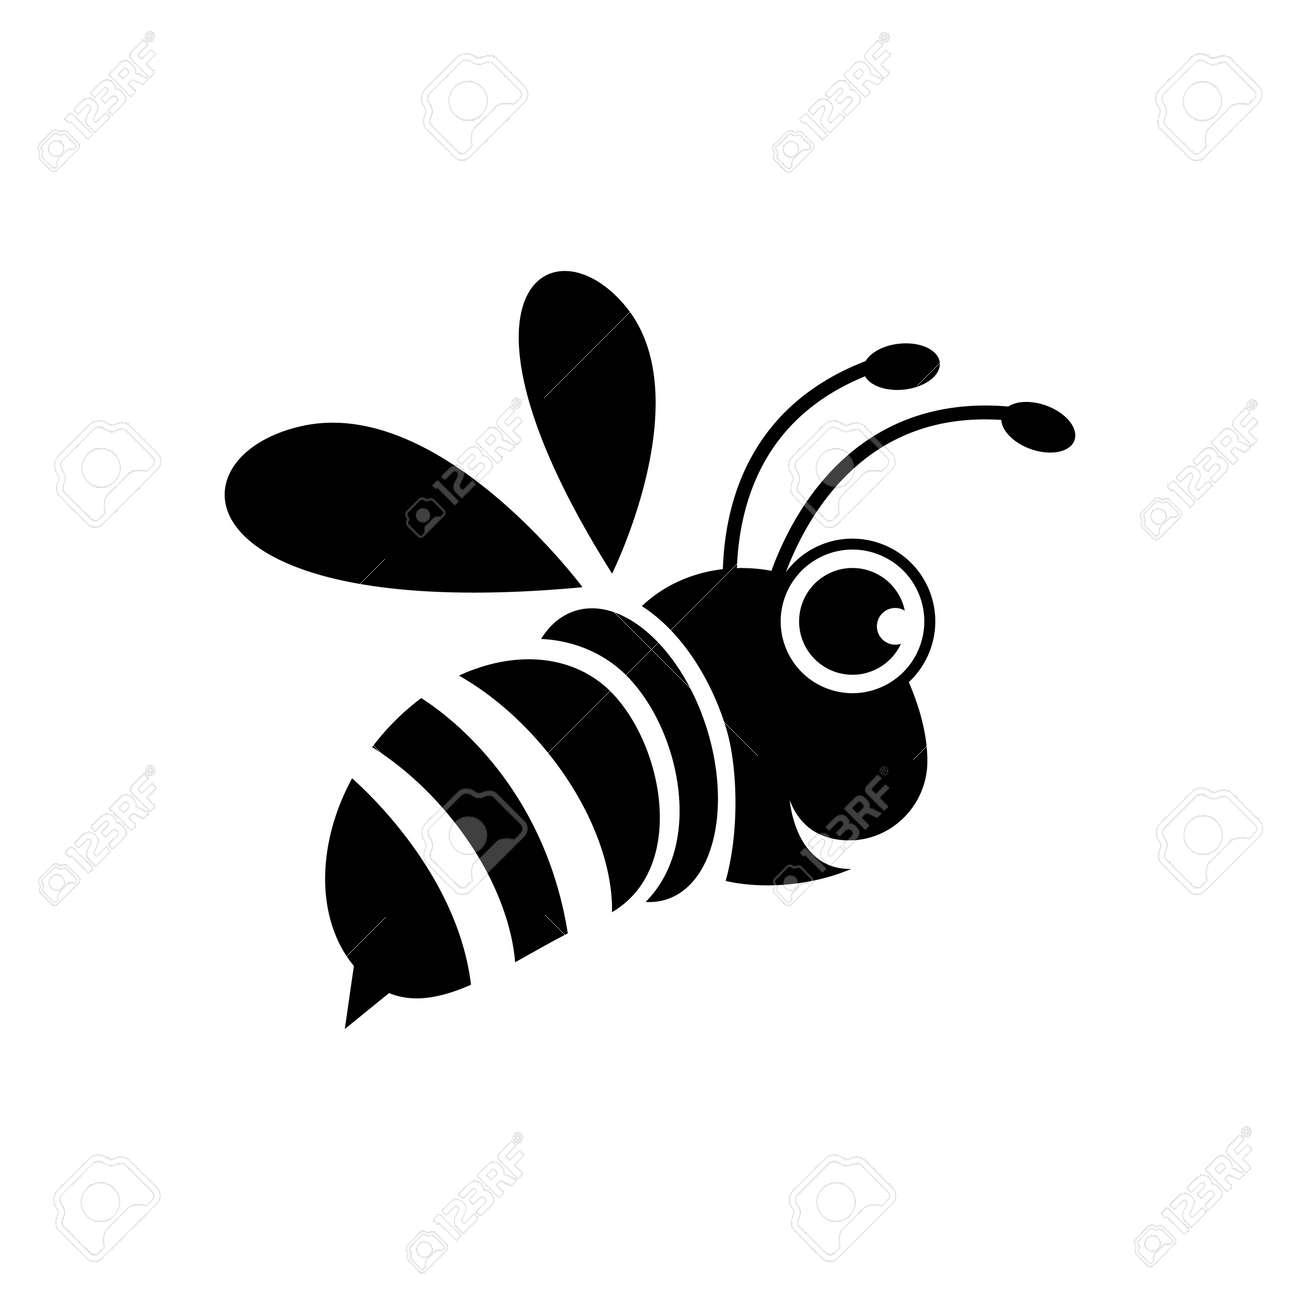 Bee logo images illustration design - 173289073